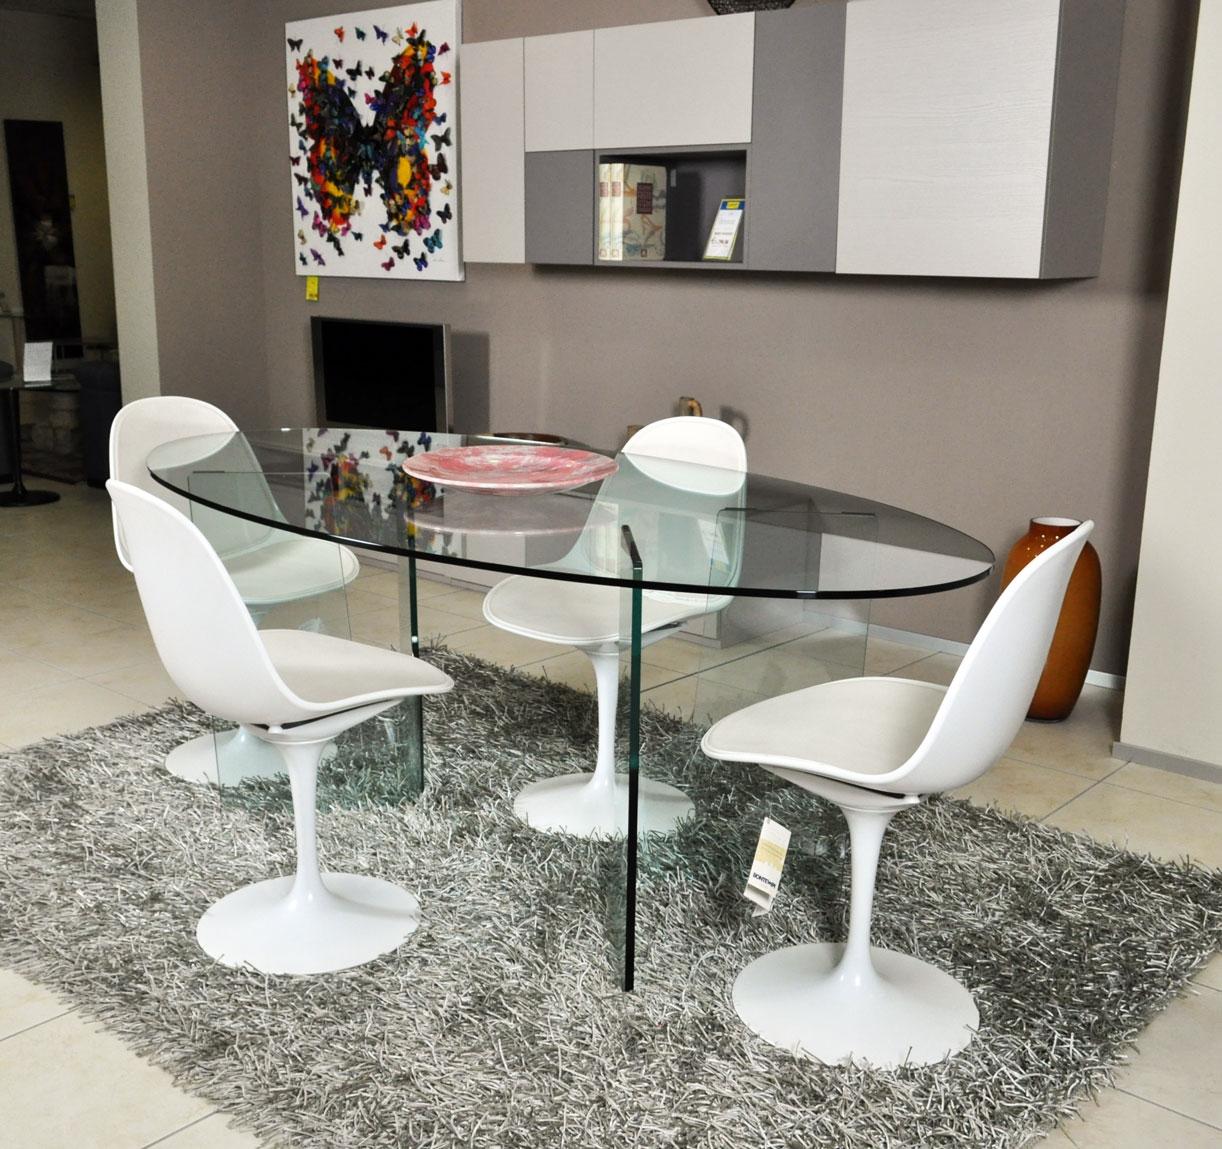 Bontempi sedie design nicla offerta a prezzo scontato for Sedie design imitazioni